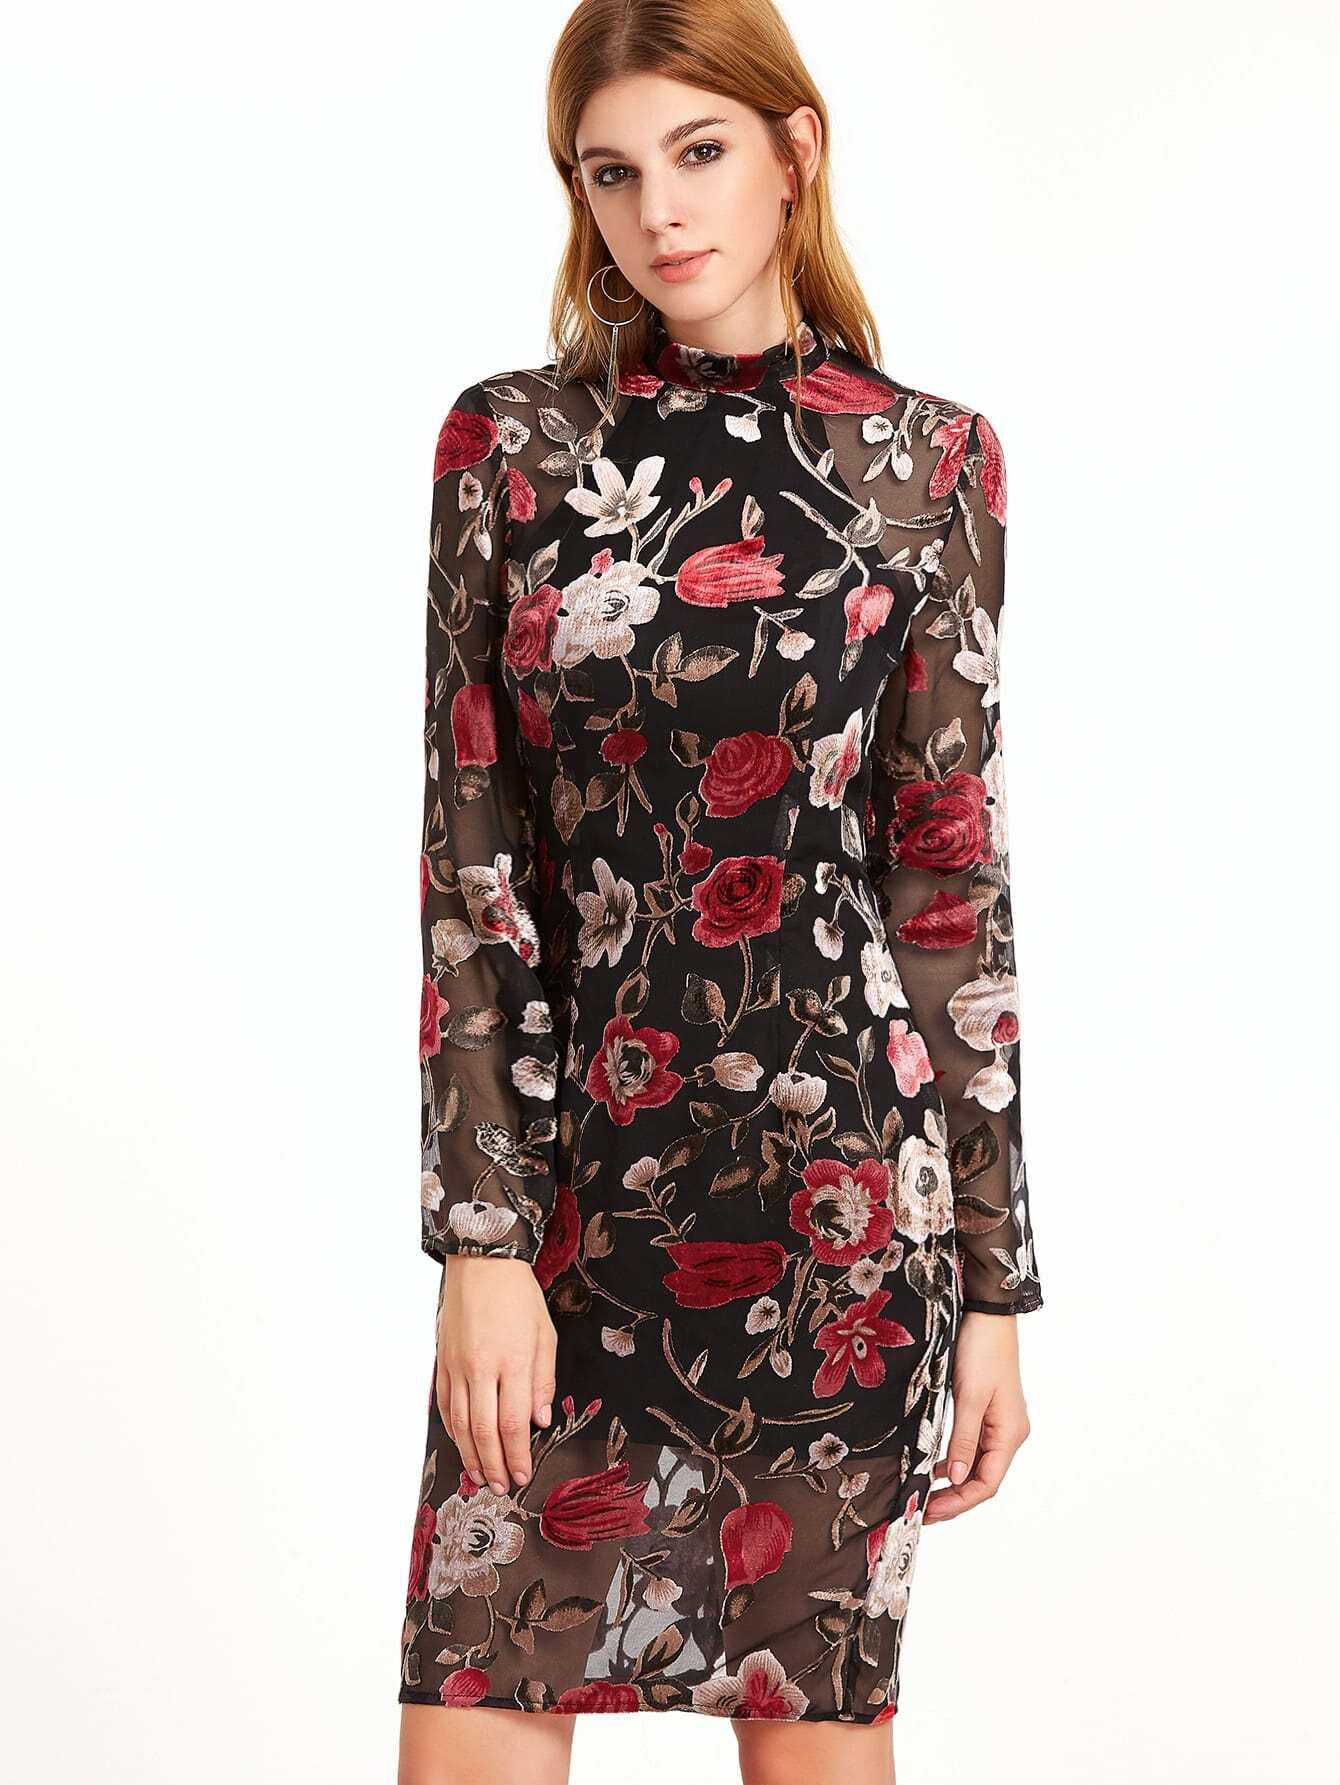 Flower Print Organza Overlay Sheer Dress